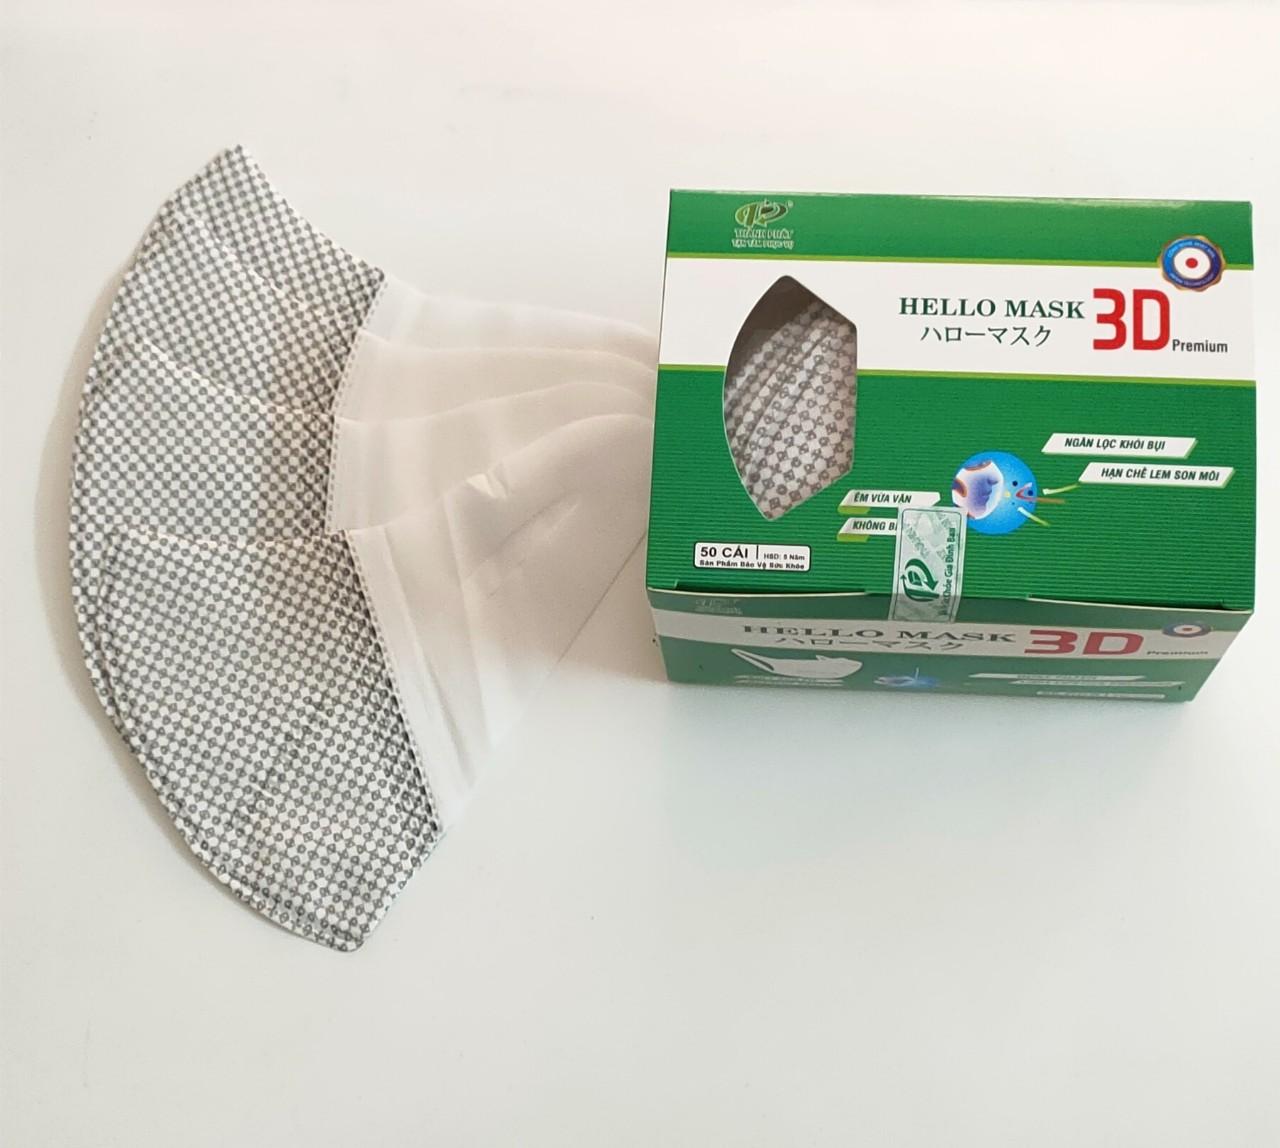 Khẩu Trang 3D  Hello Mask - Japan (Hộp 50 cái - Màu Caro xám)